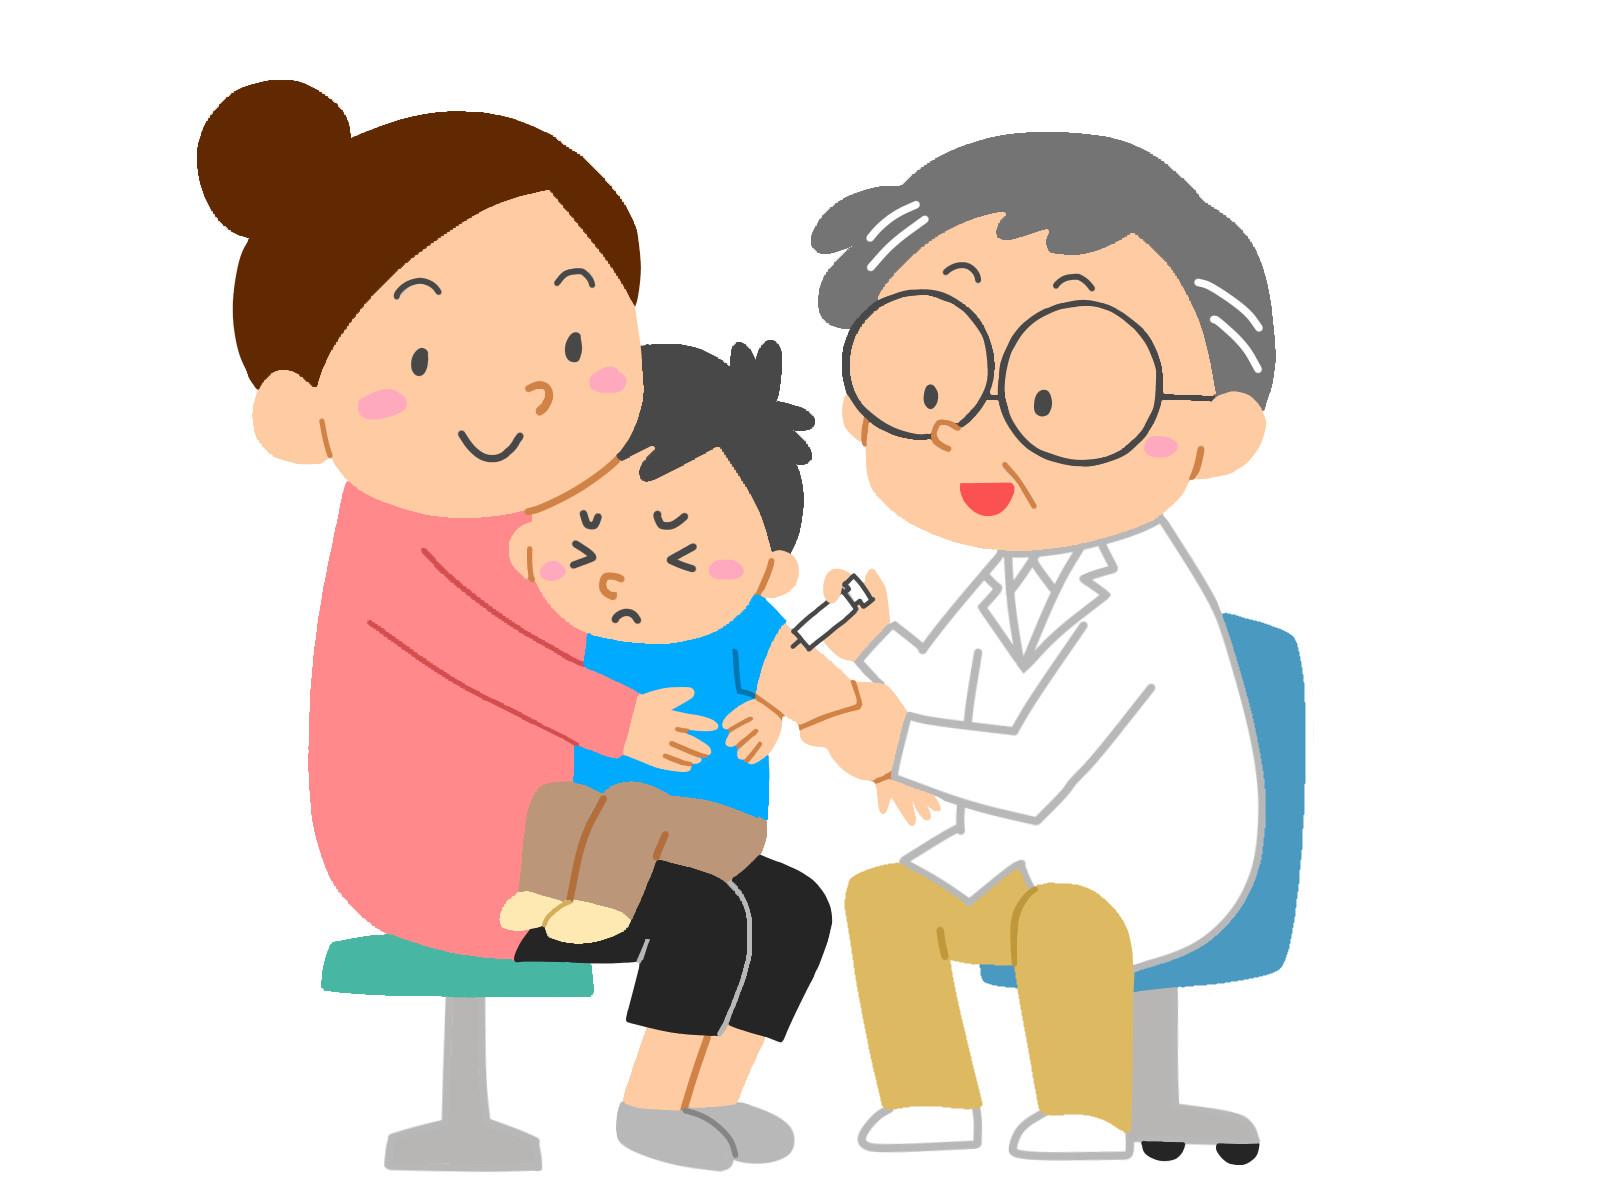 予防接種を拒否すると児童手当を支給しない法案